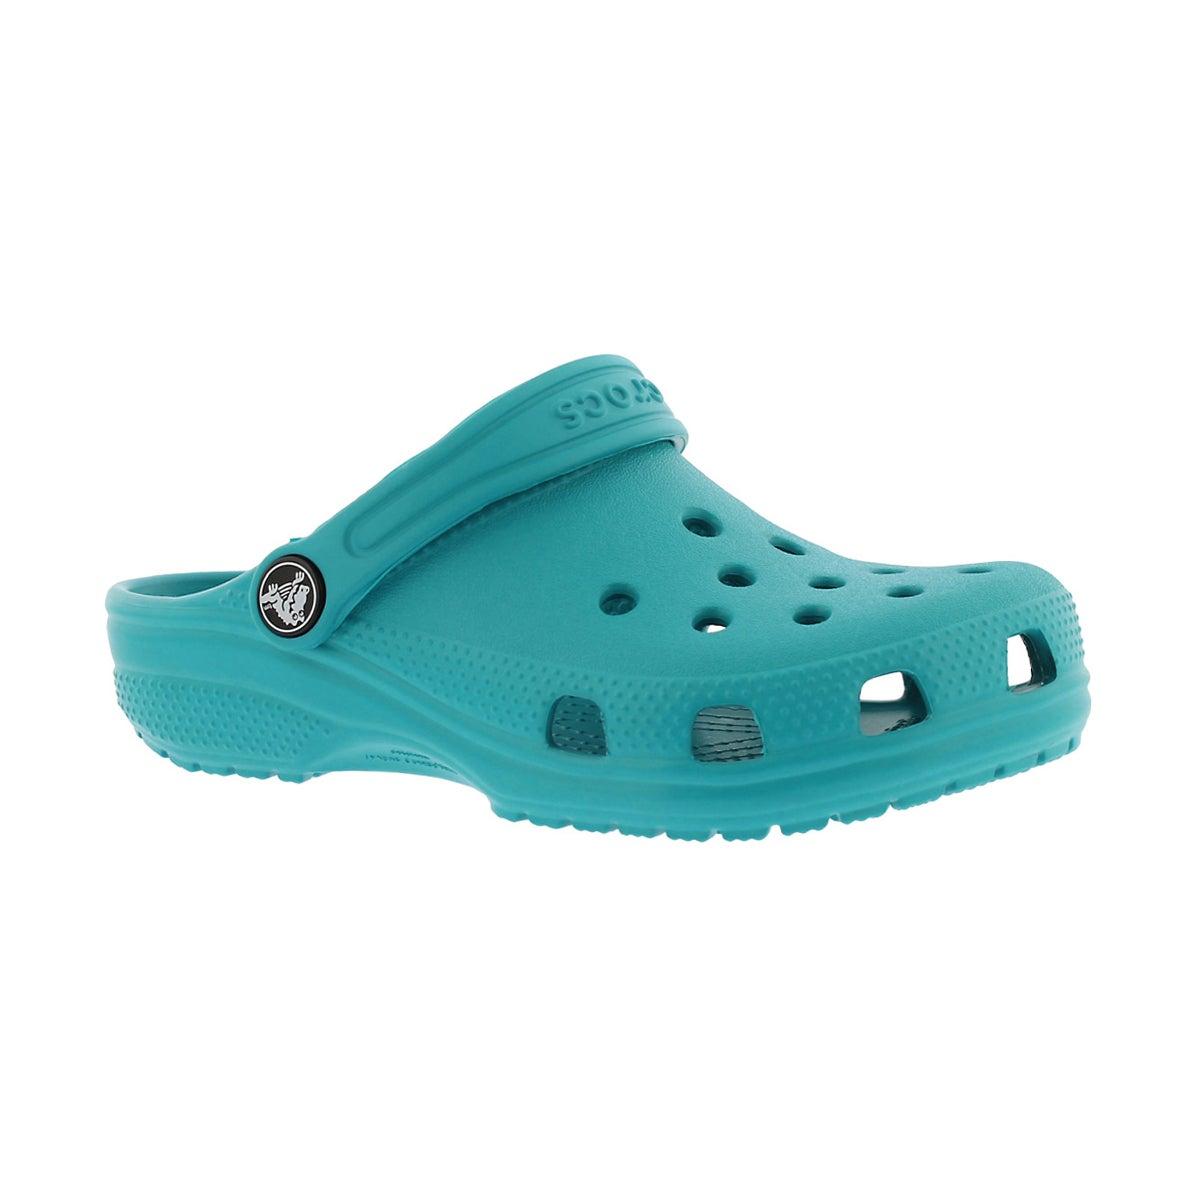 Kids' CLASSIC turquoise EVA comfort clogs